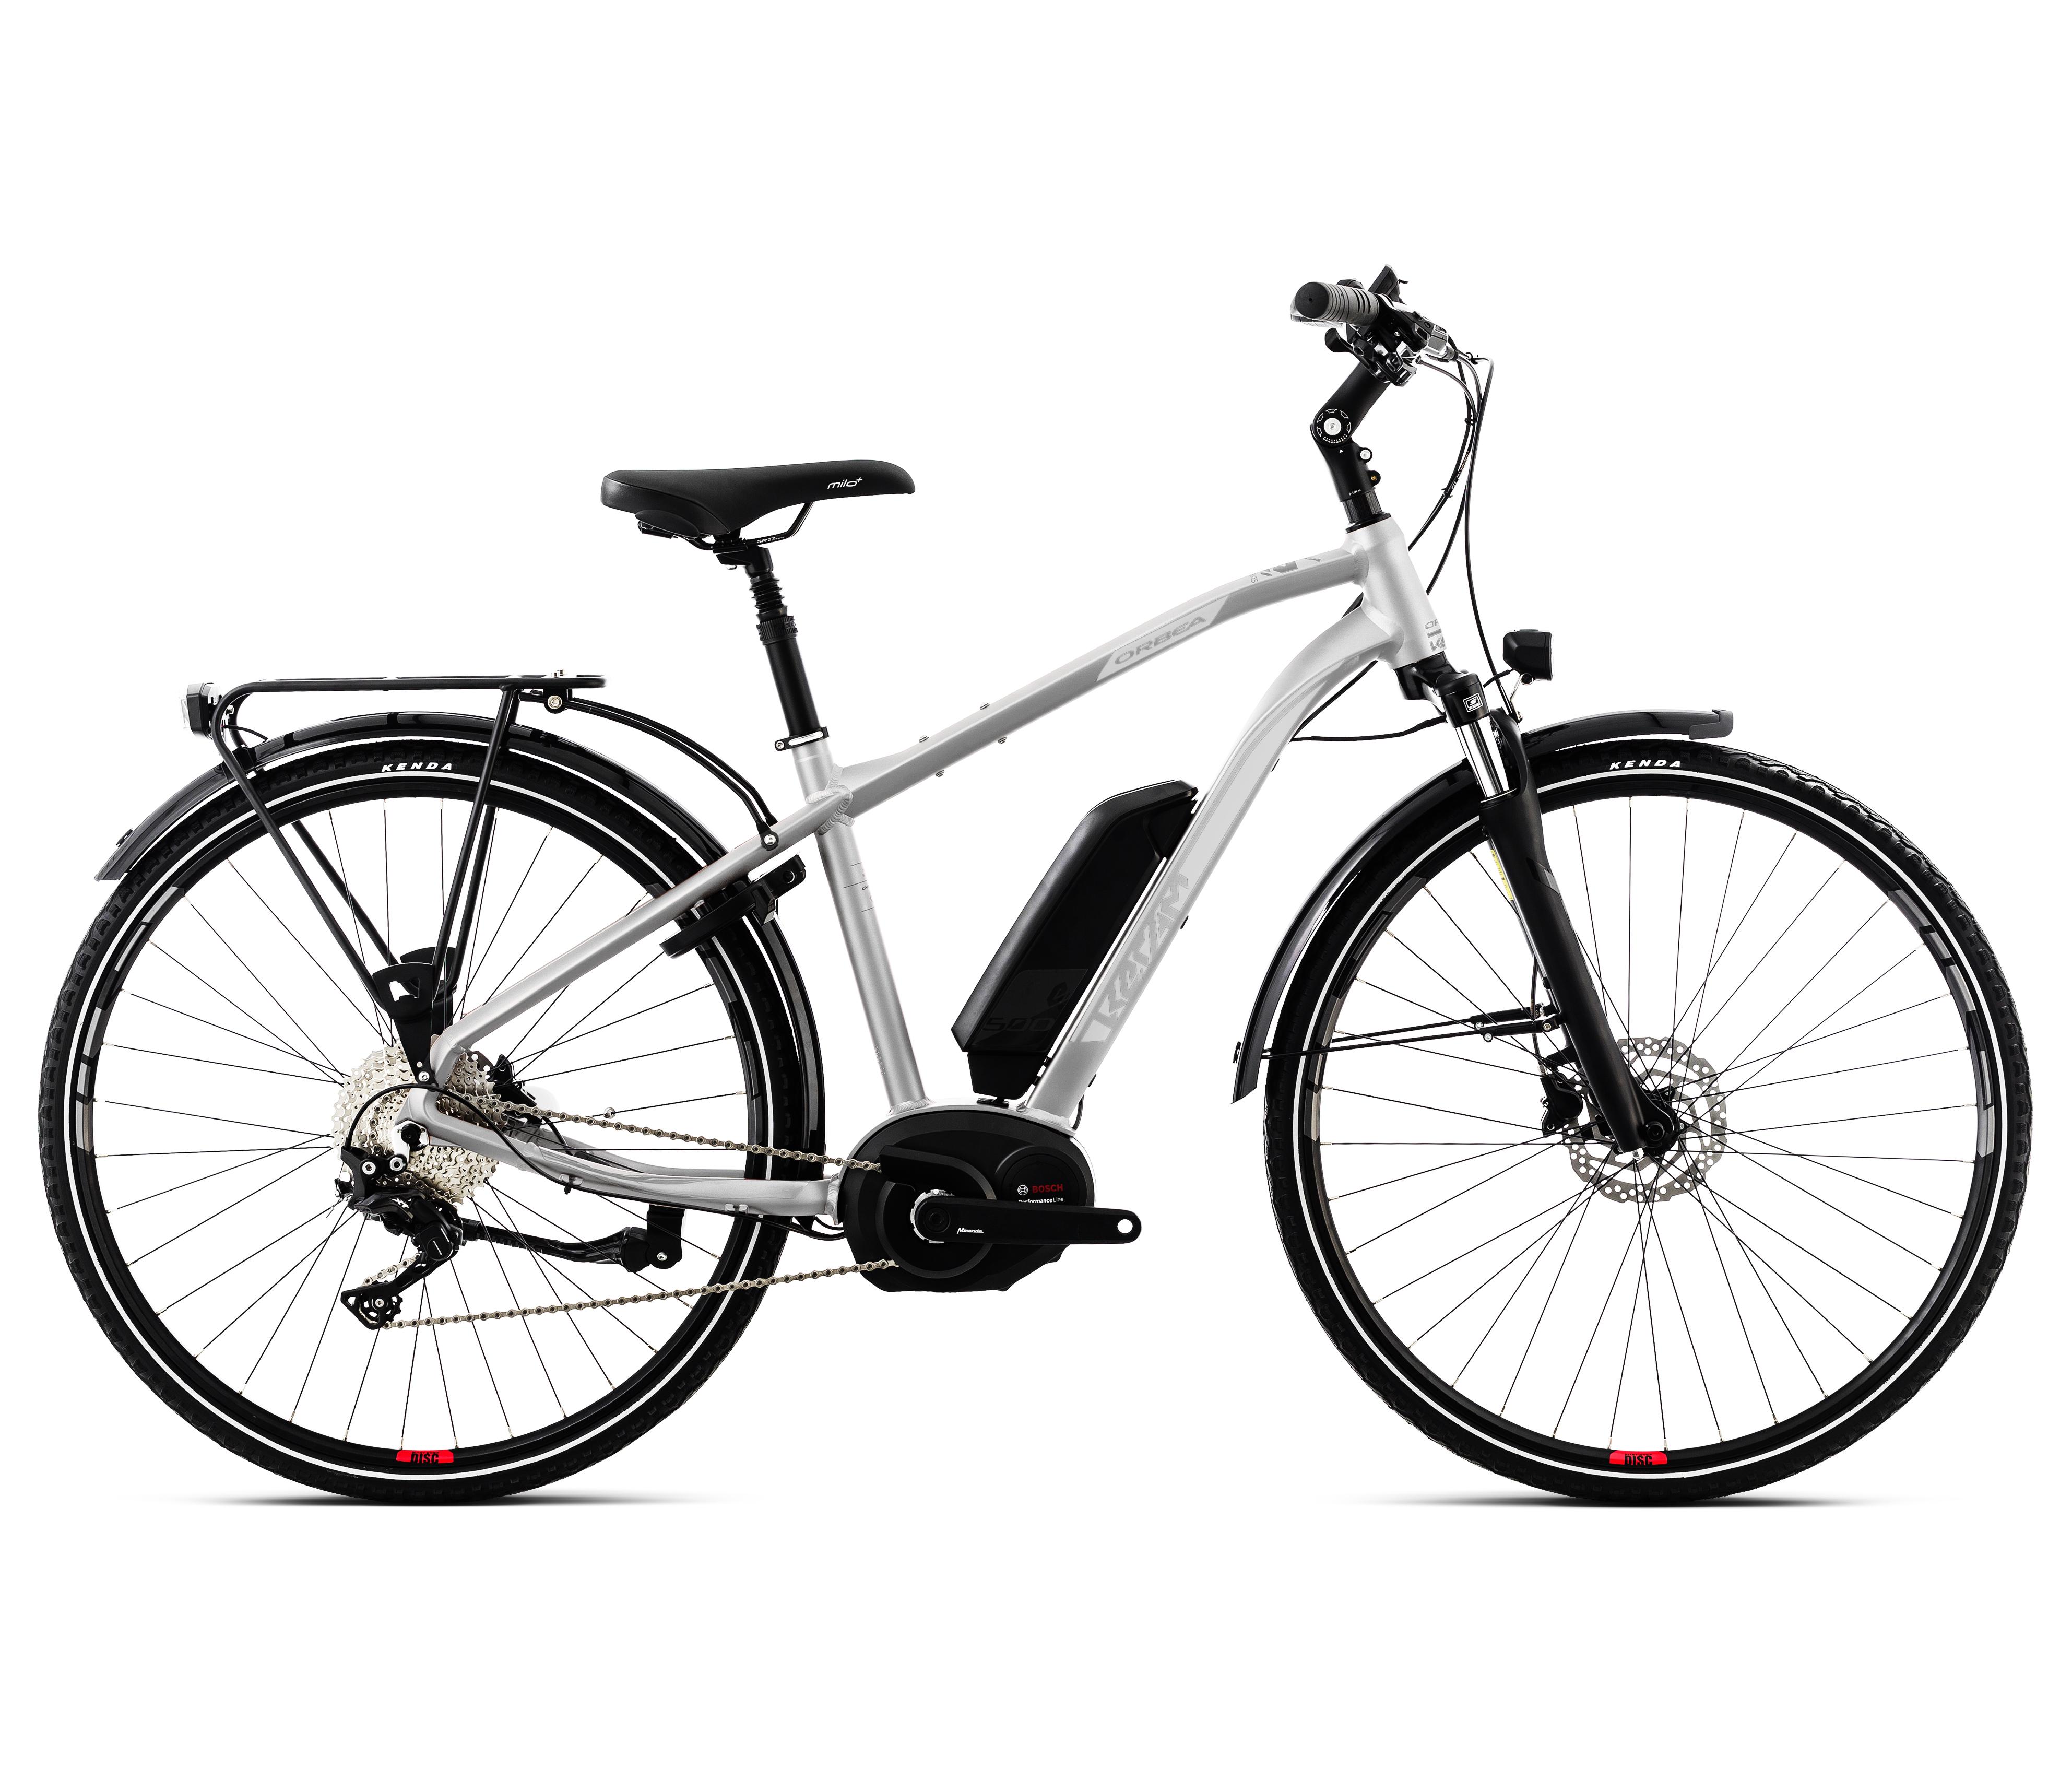 orbea e bike keram comfort 10 g nstig online kaufen. Black Bedroom Furniture Sets. Home Design Ideas